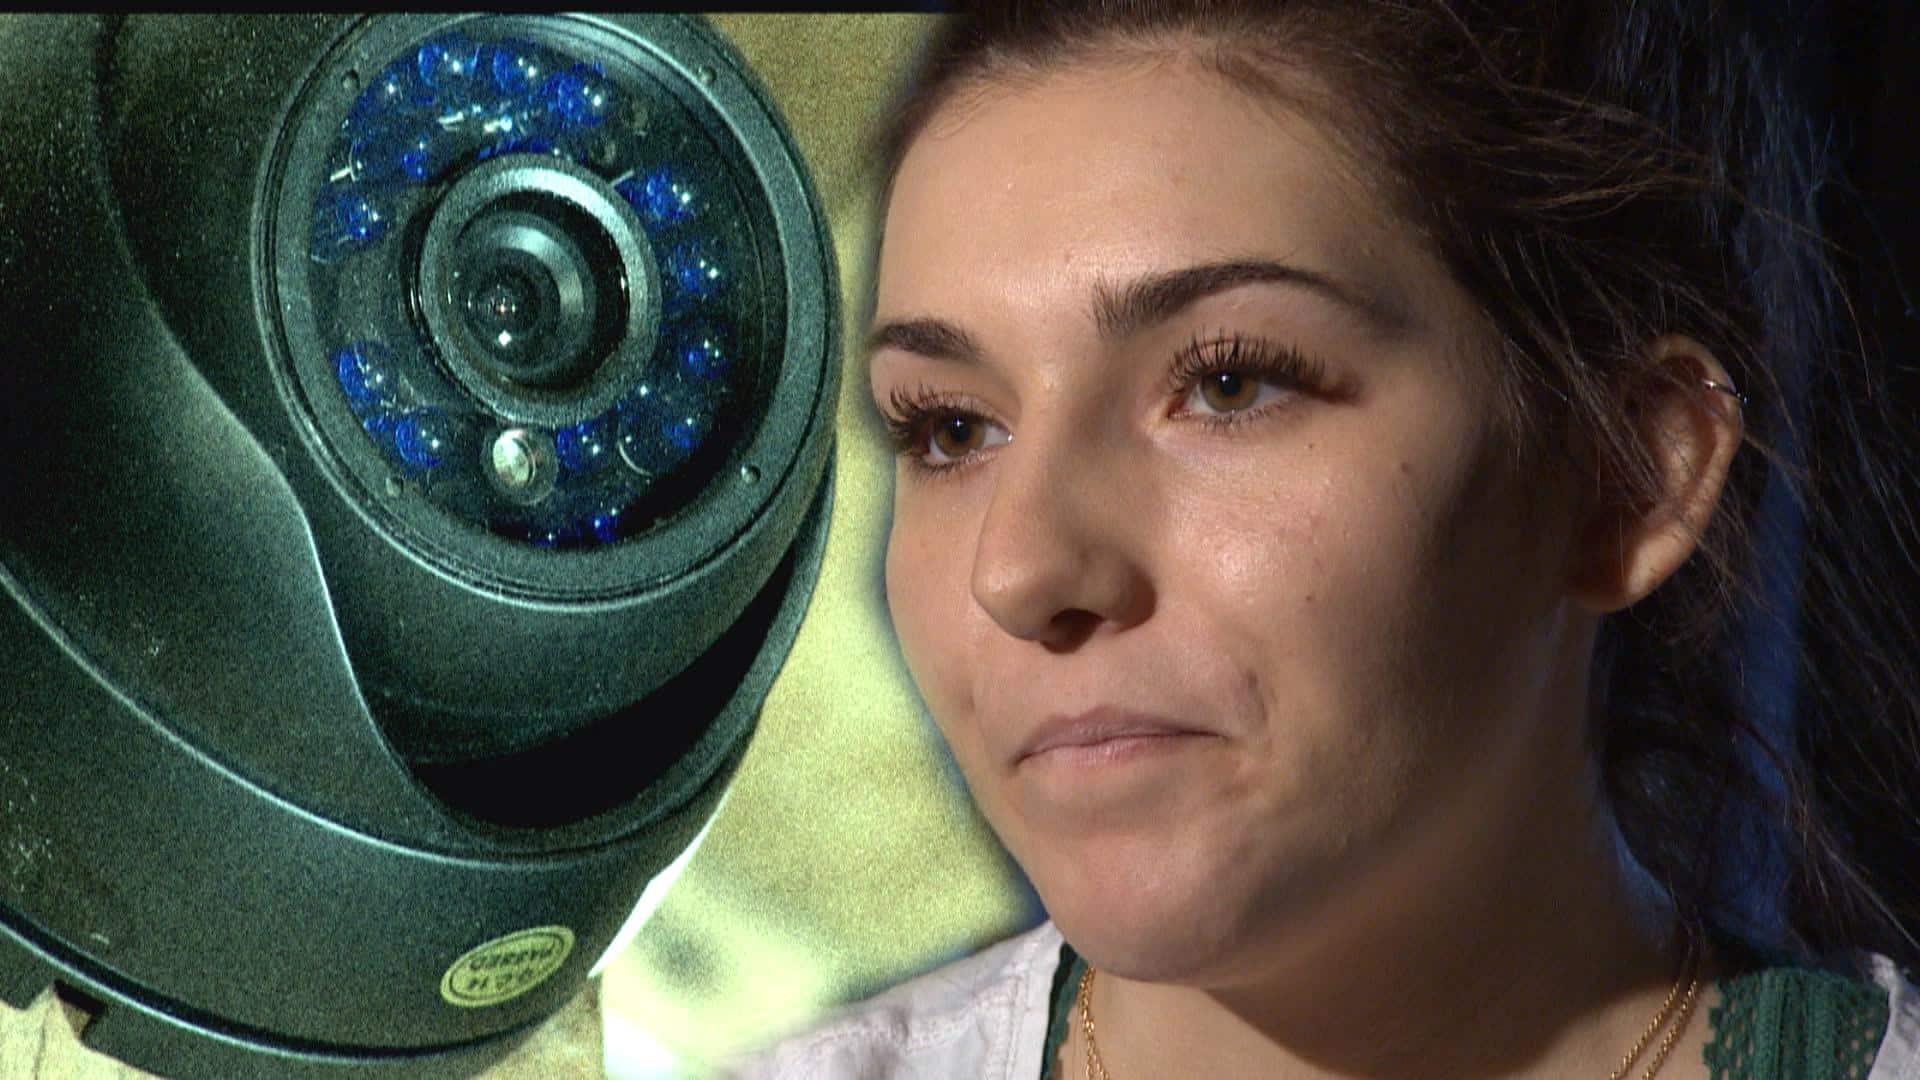 Camera questions